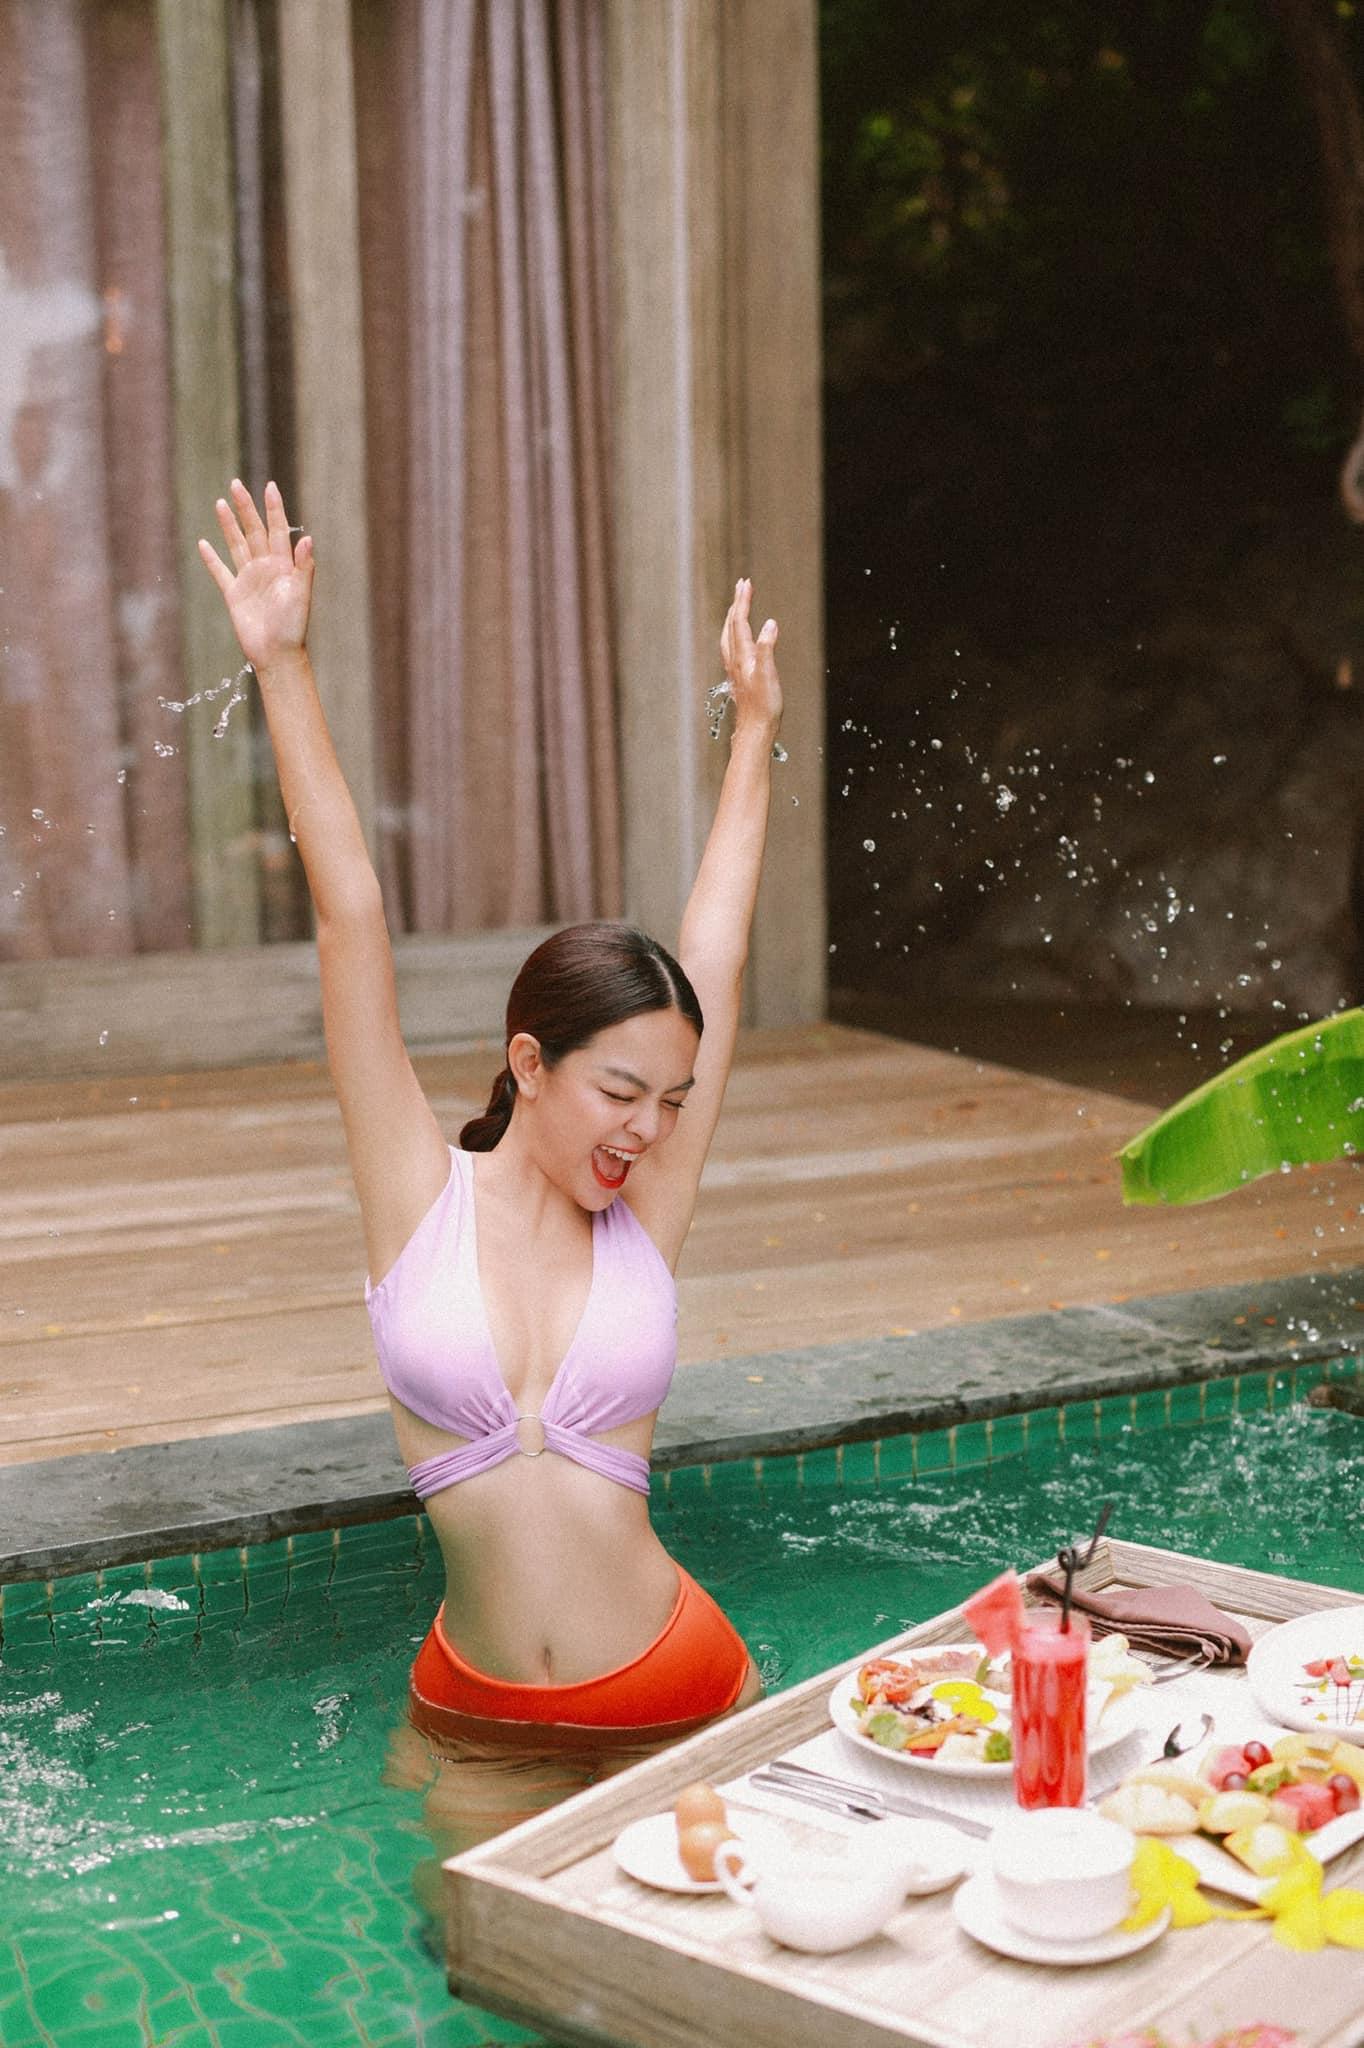 Sau khi detox thành công, Phạm Quỳnh Anh tự tin lên kế hoạch chụp bộ ảnh tại Bikini Beach NovaWorld Phan Thiet. Ảnh:  Facebook Phạm Quỳnh Anh.